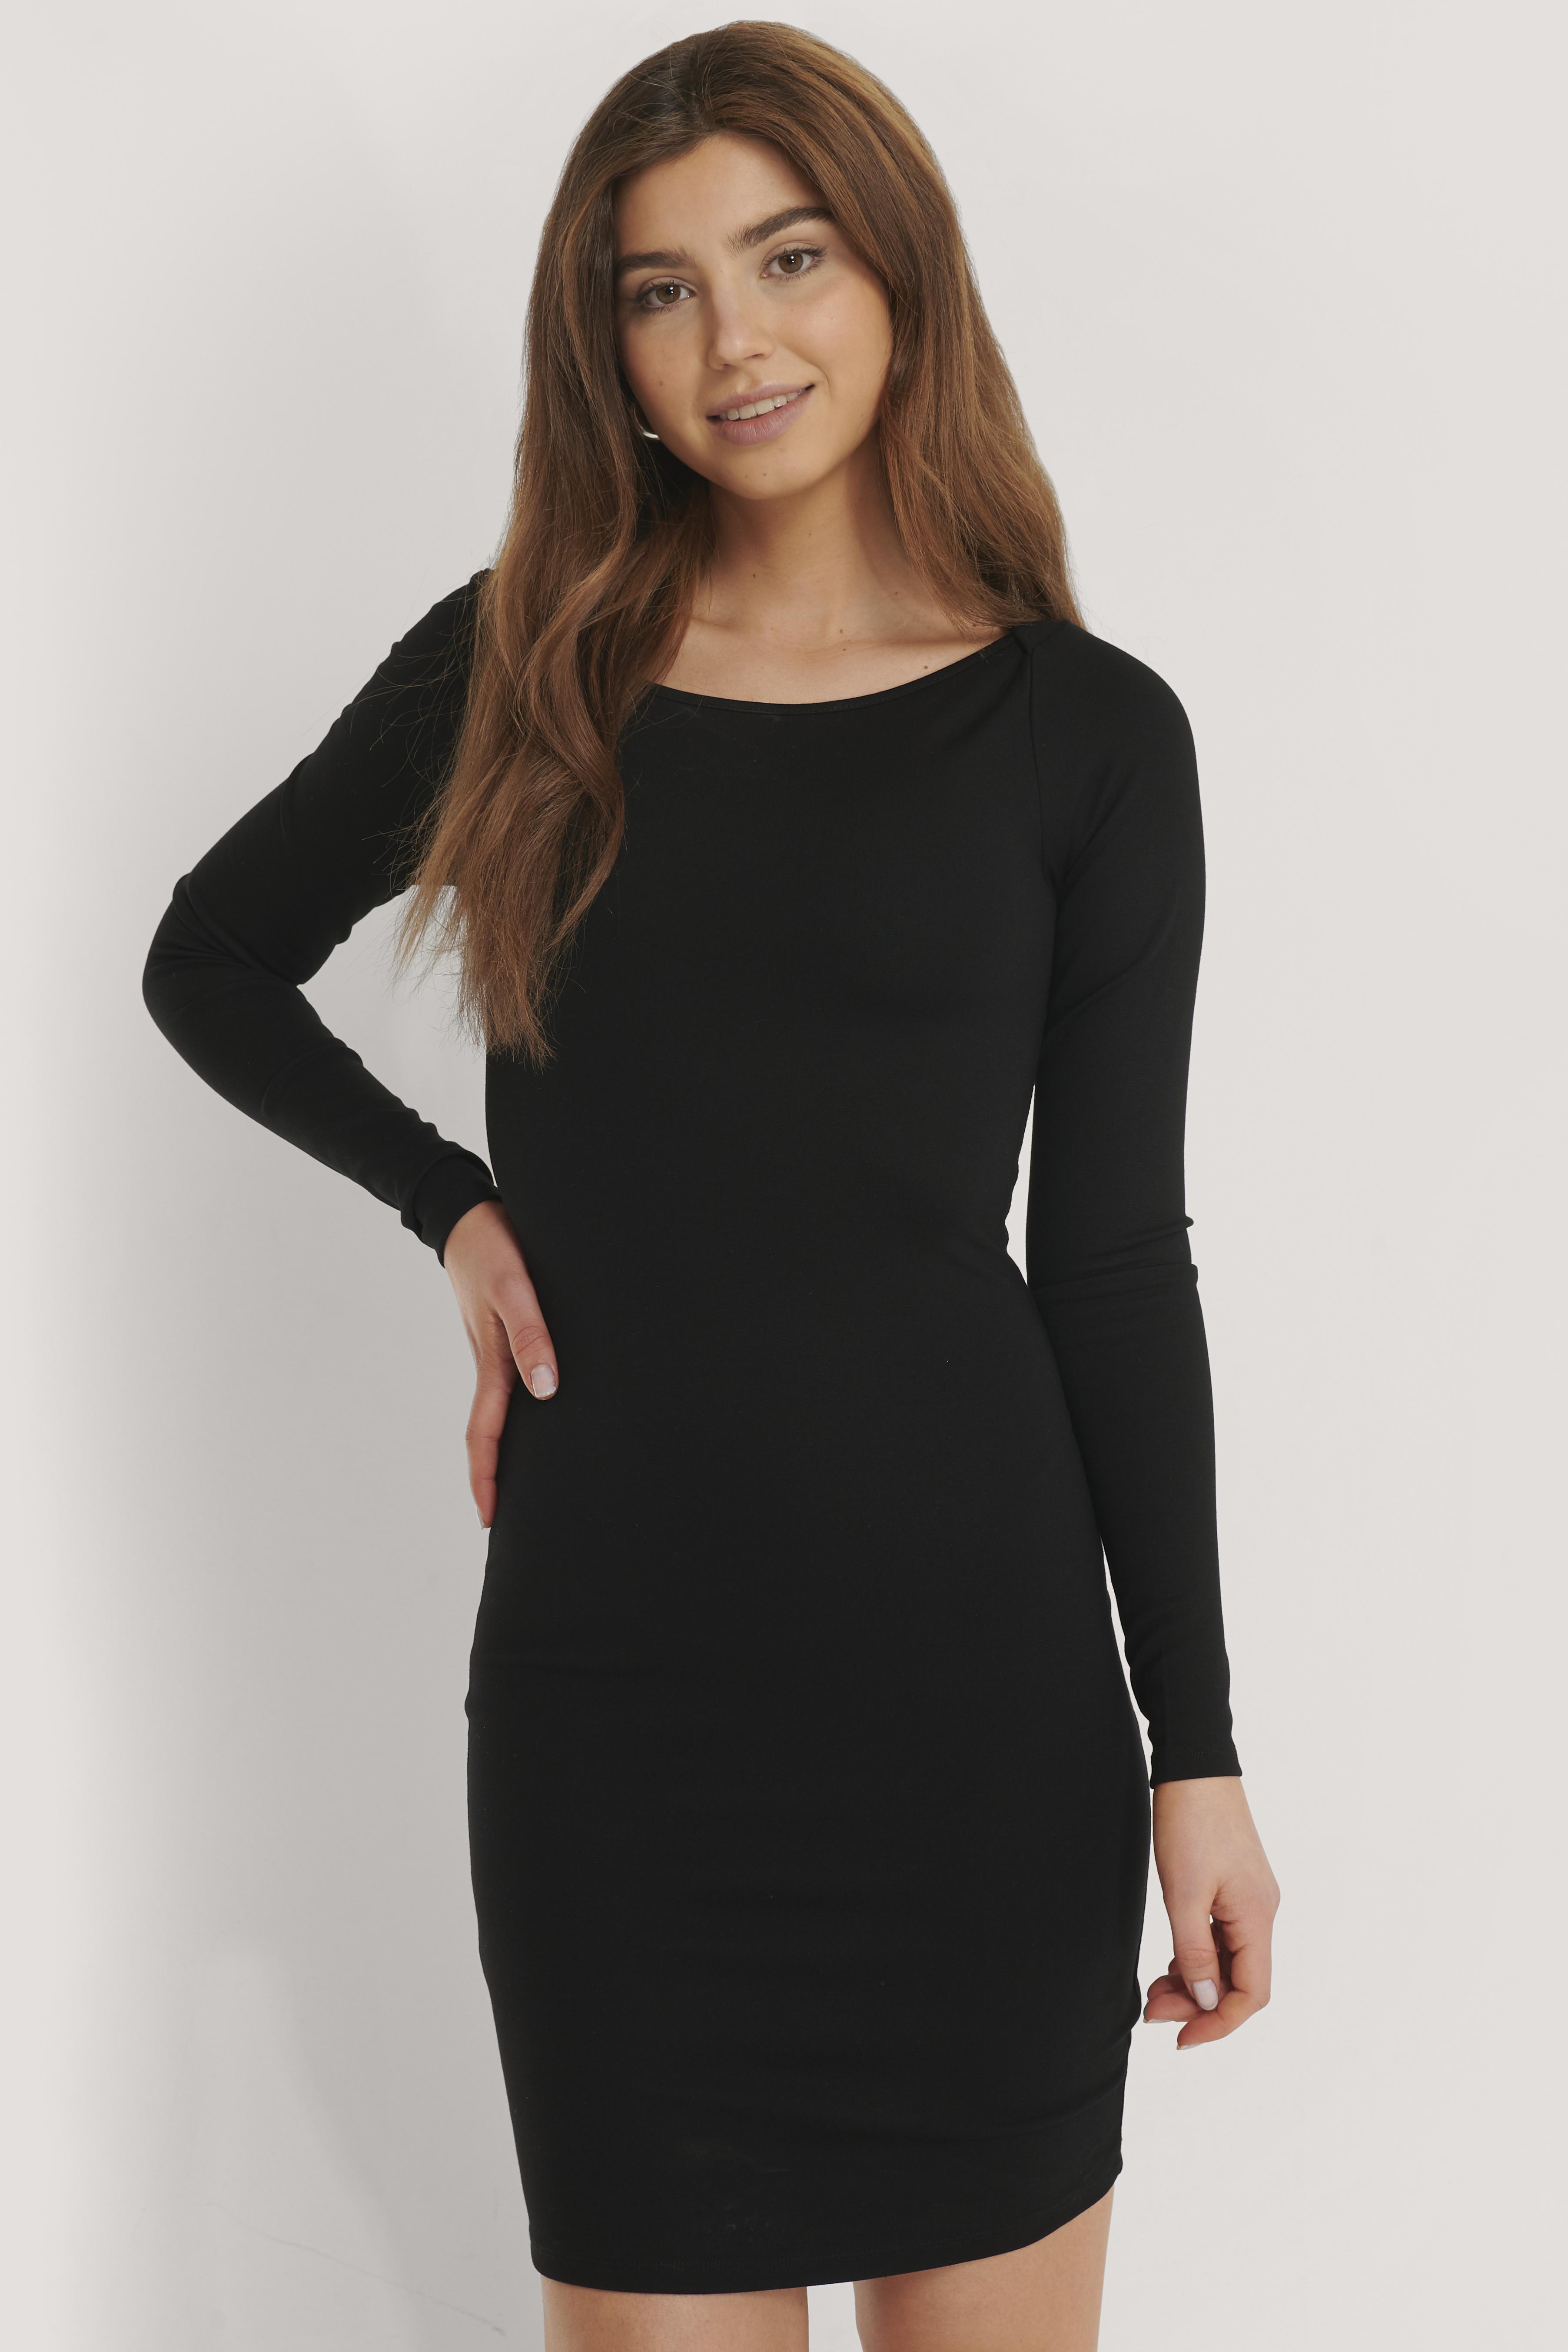 Jerseykleider für Damen online kaufen | Damenmode ...